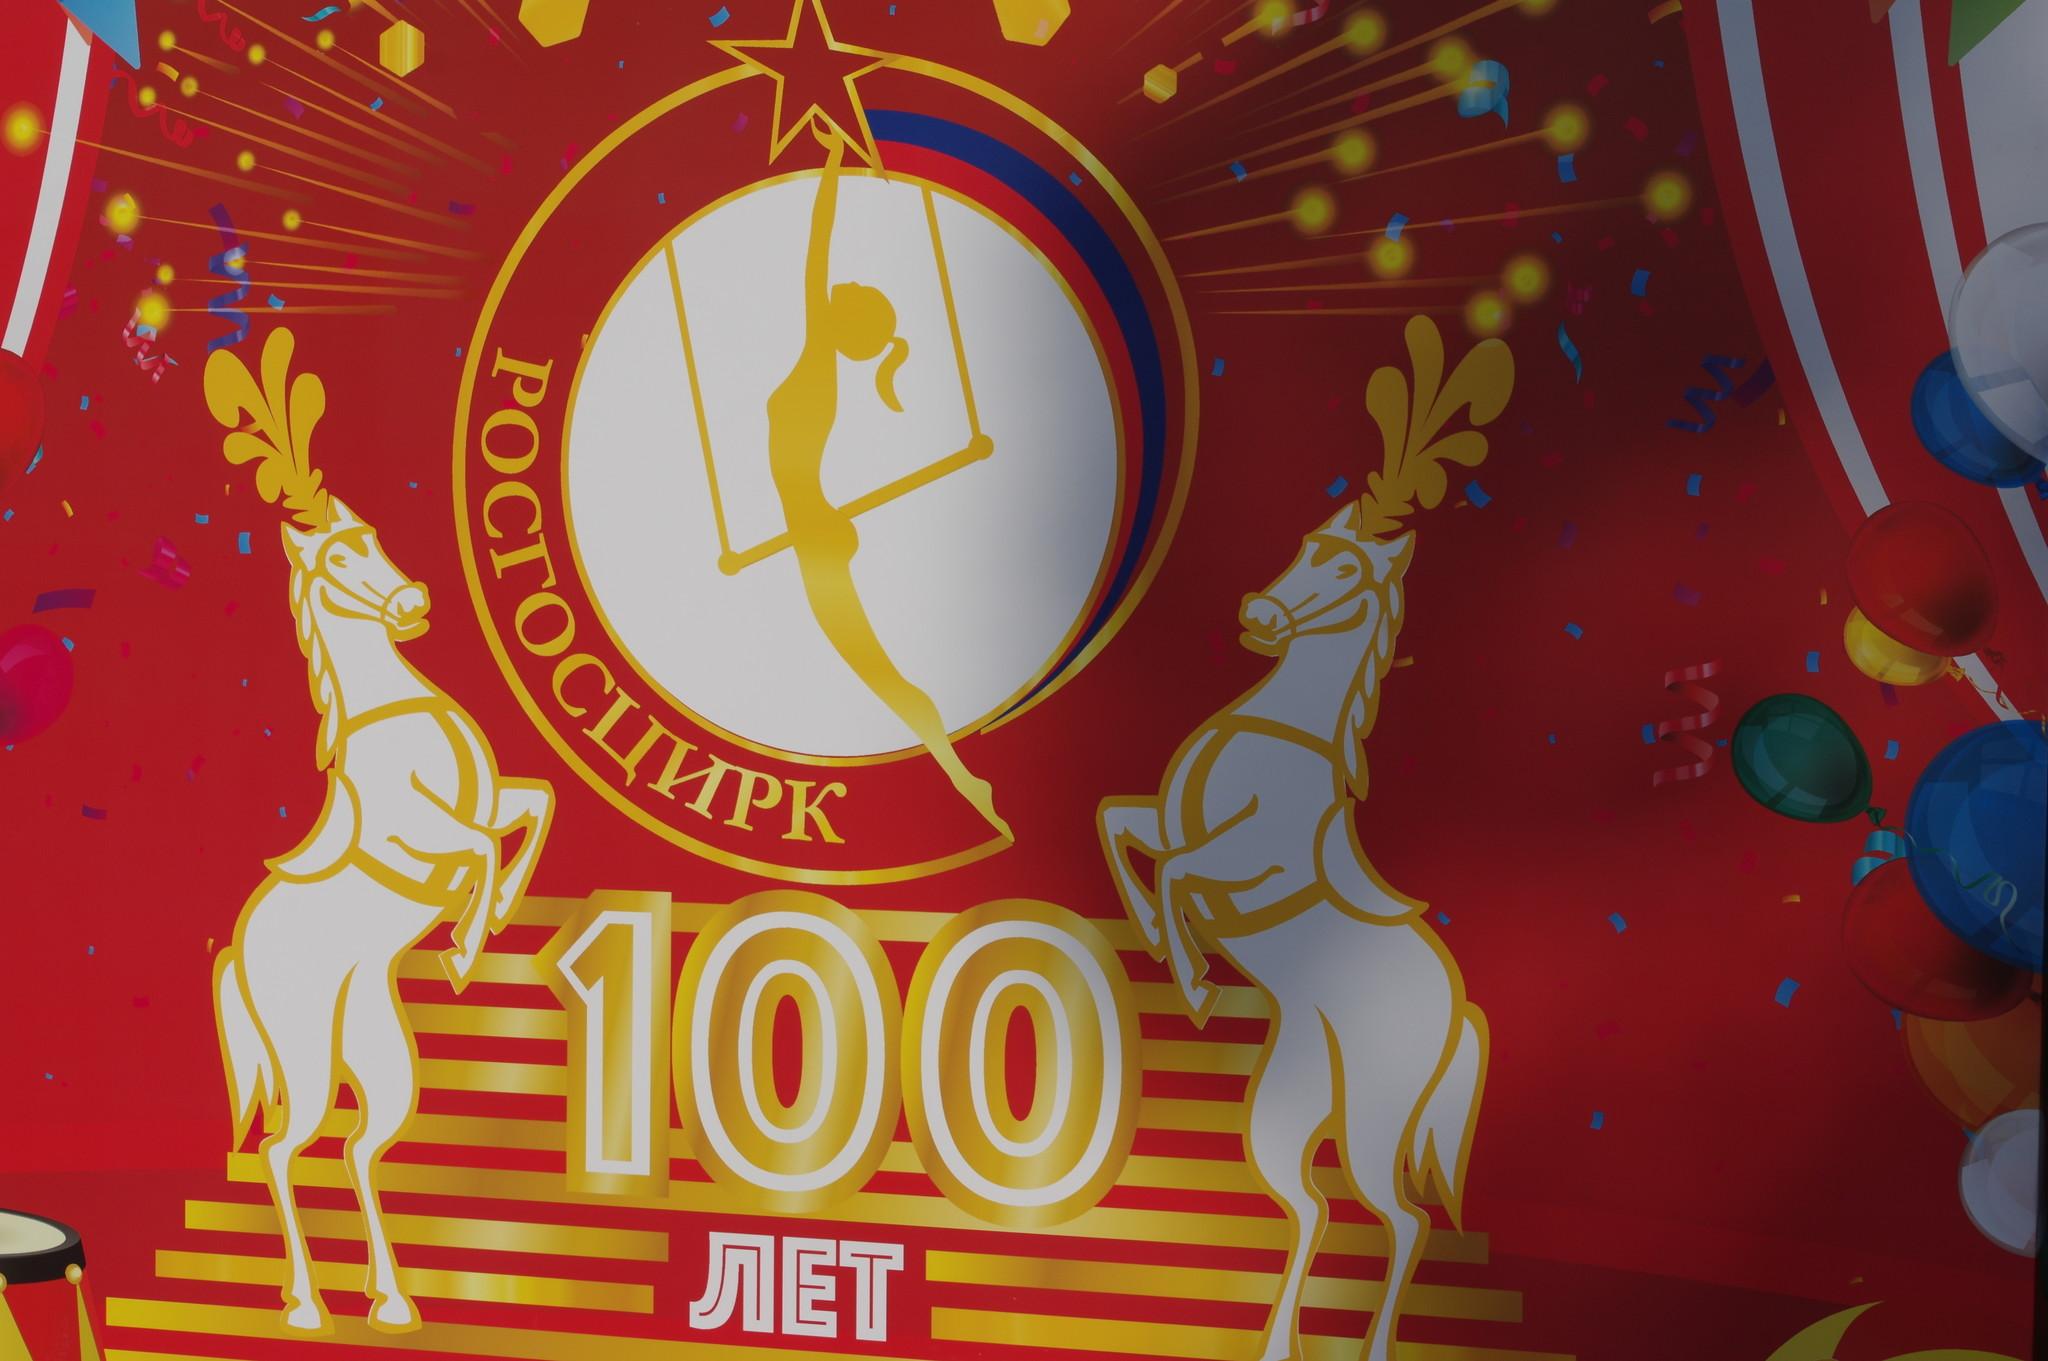 Фестиваль циркового искусства, посвящённый 100-летию Росгосцирка